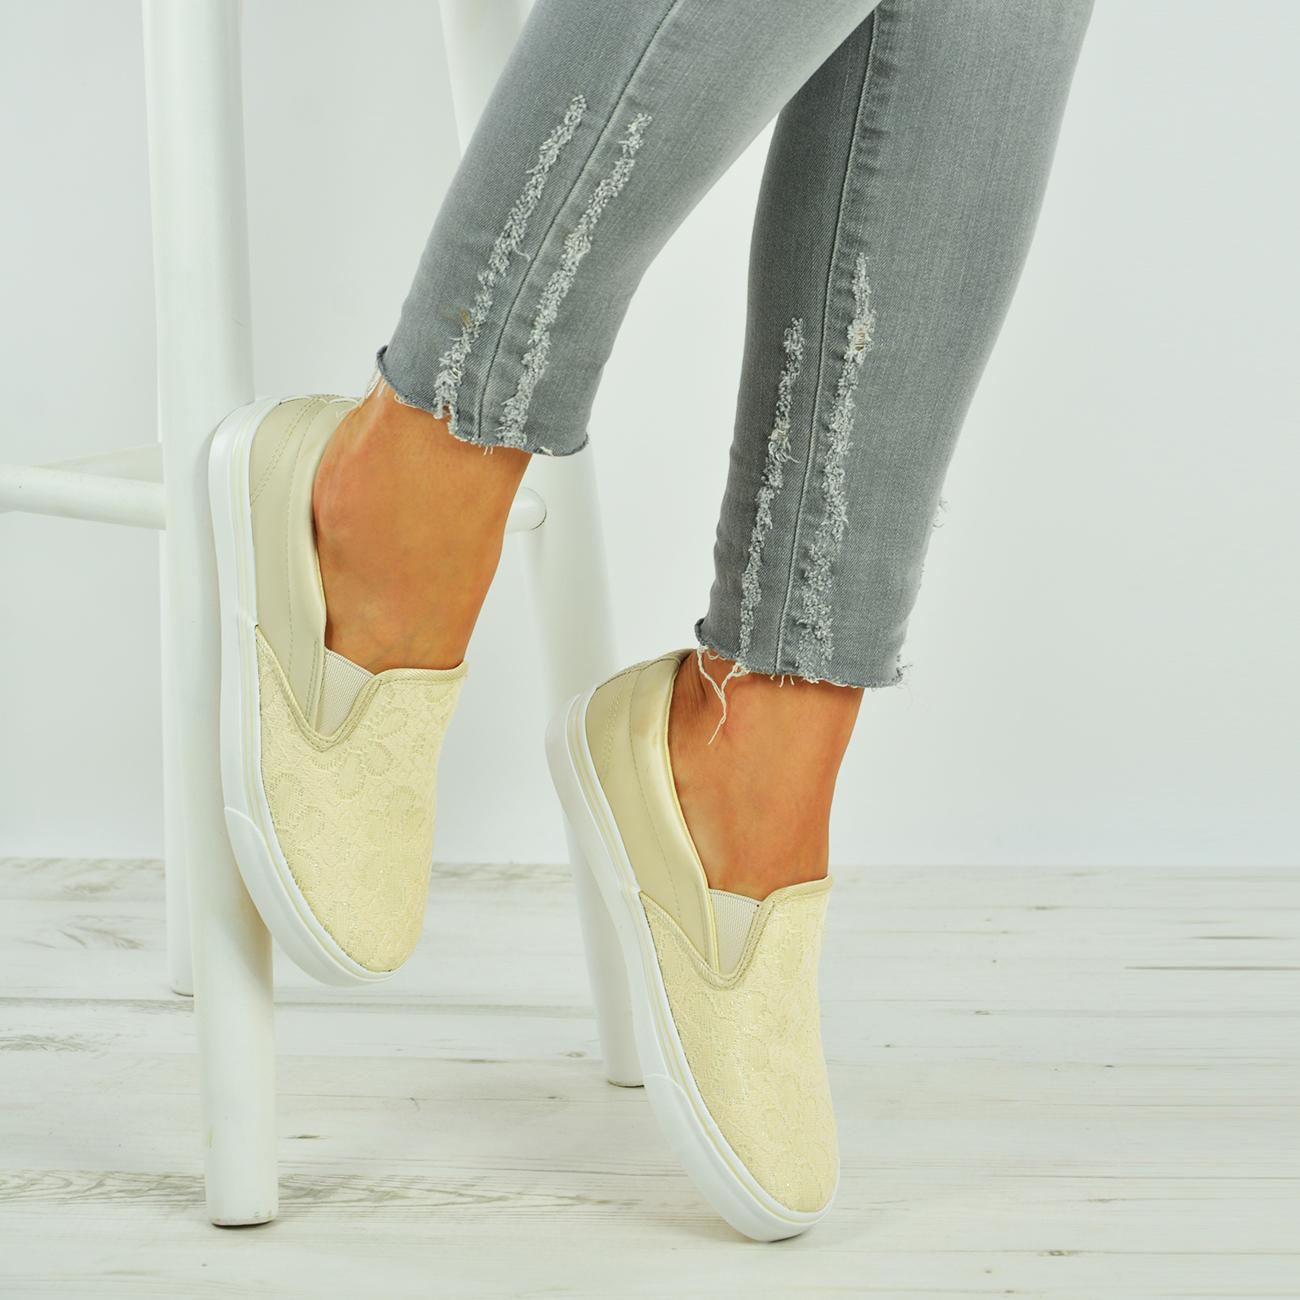 Nouveau Haut Slip On Plimsolls Lace Floral Baskets Baskets Plat Chaussures Tailles